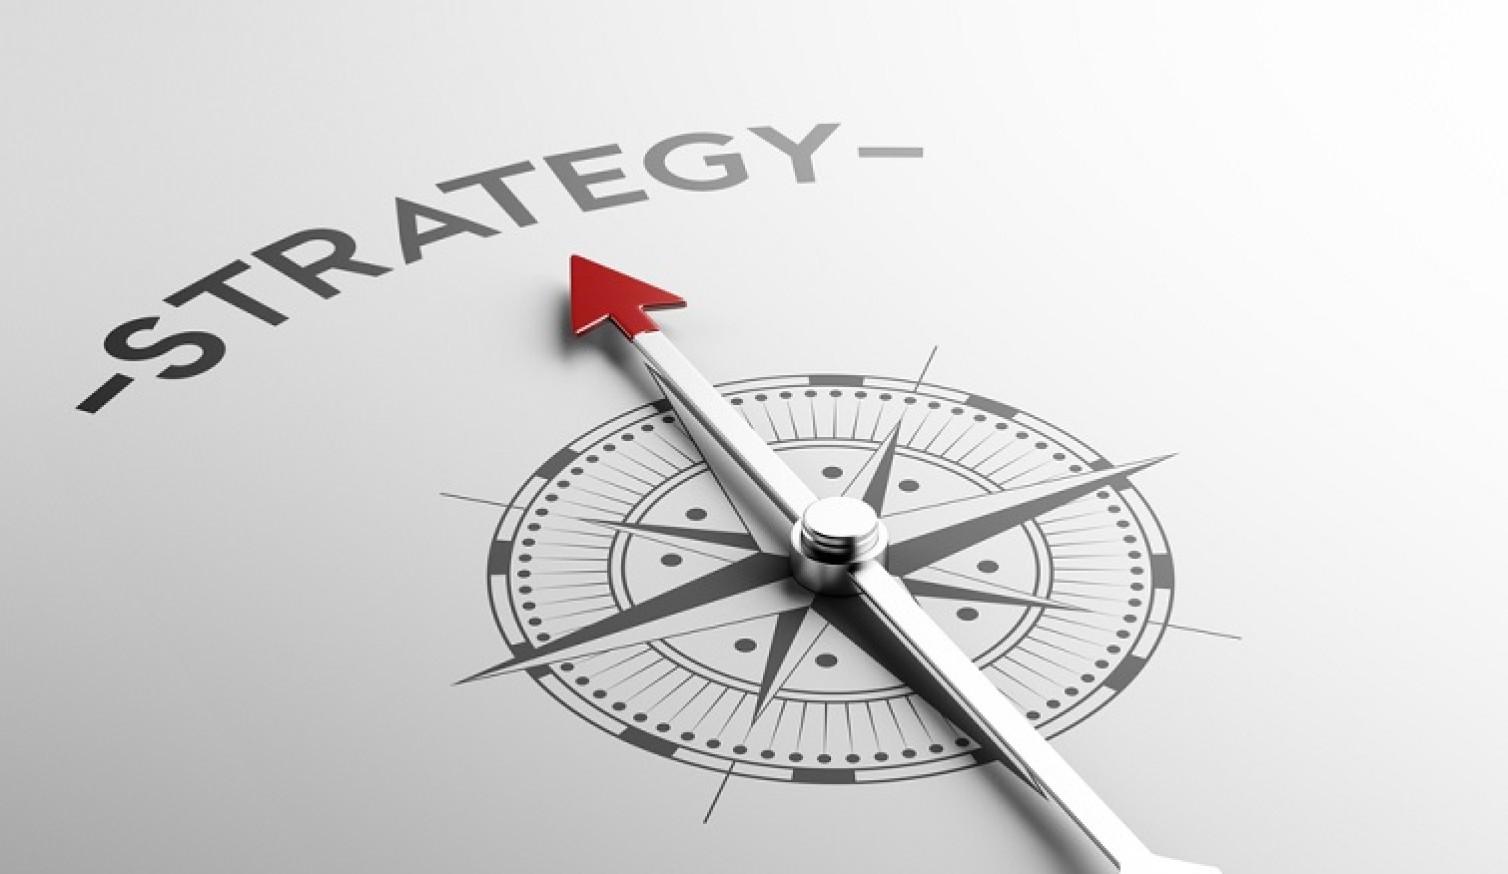 Un 57% de los CIOs rediseña su estrategia para aprovechar las ventajas de la transformación digital